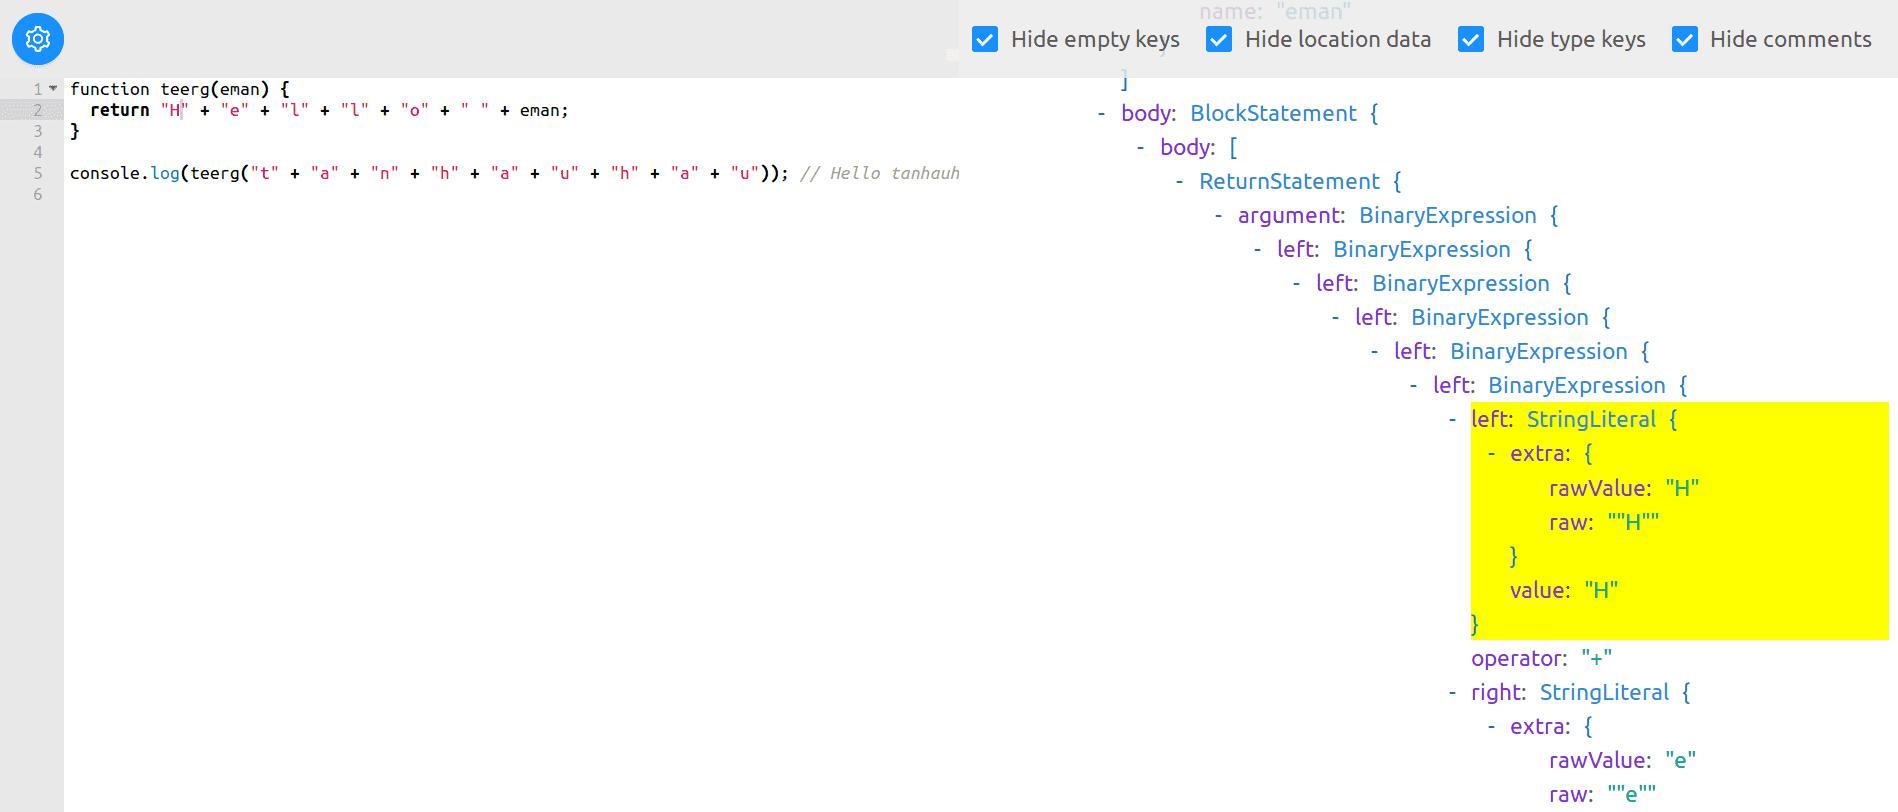 https://lihautan.com/static/fa937b7e3d8c6f72f076f4e86d9b60e1/30a34/output.png